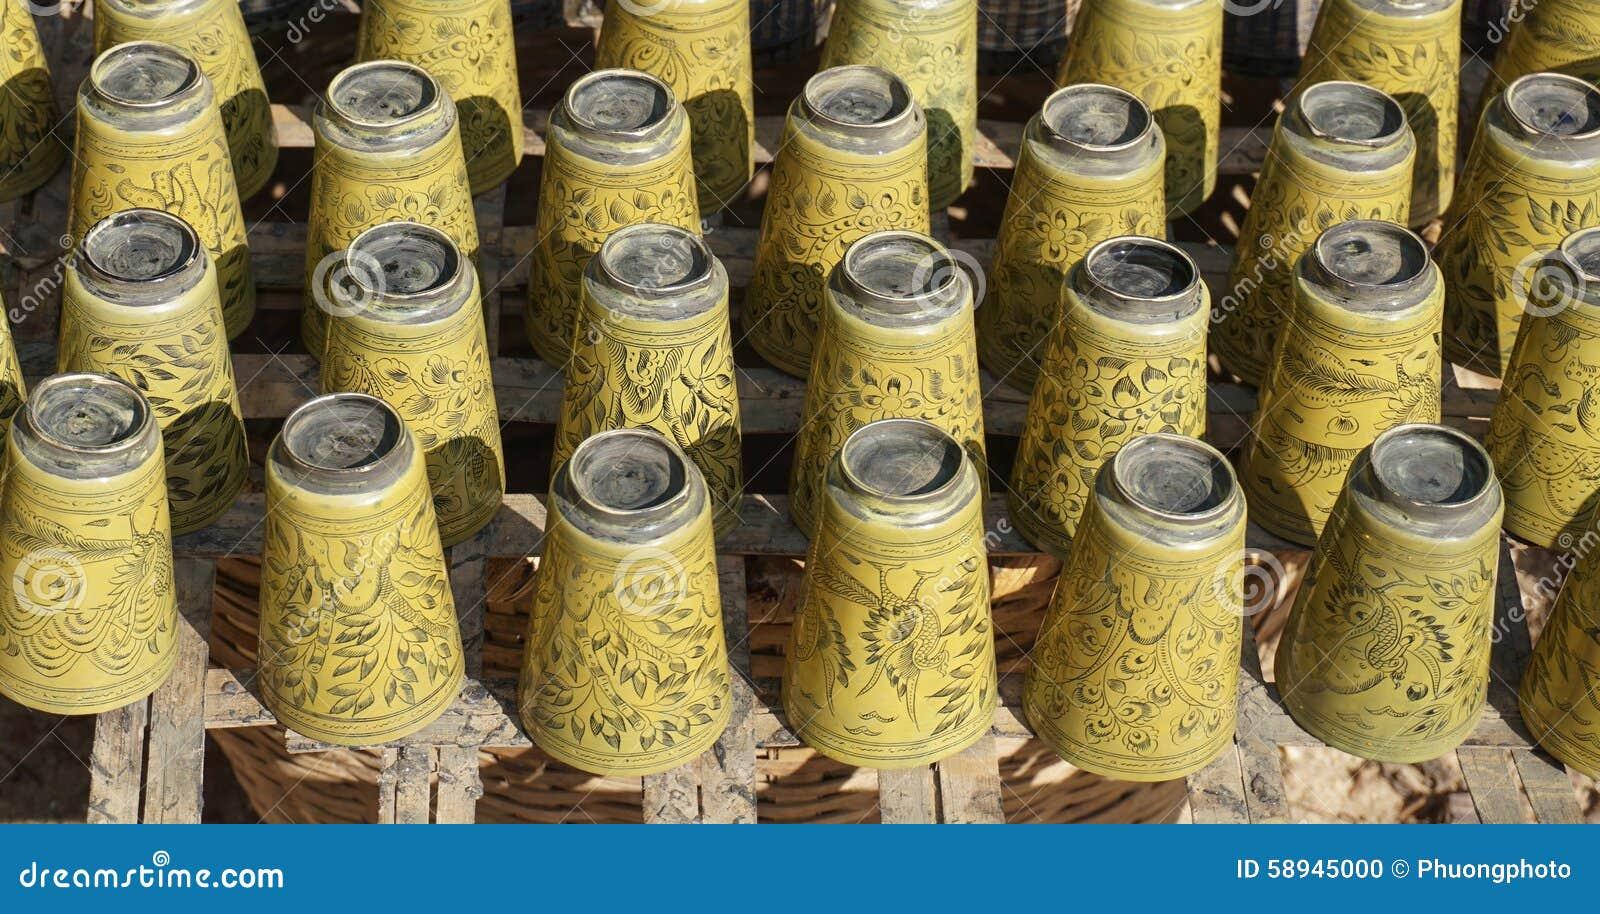 Artesanato Com Cd Velho ~ Artesanato Feito Do Bambu Para A Venda Foto de Stock Imagem 58945000